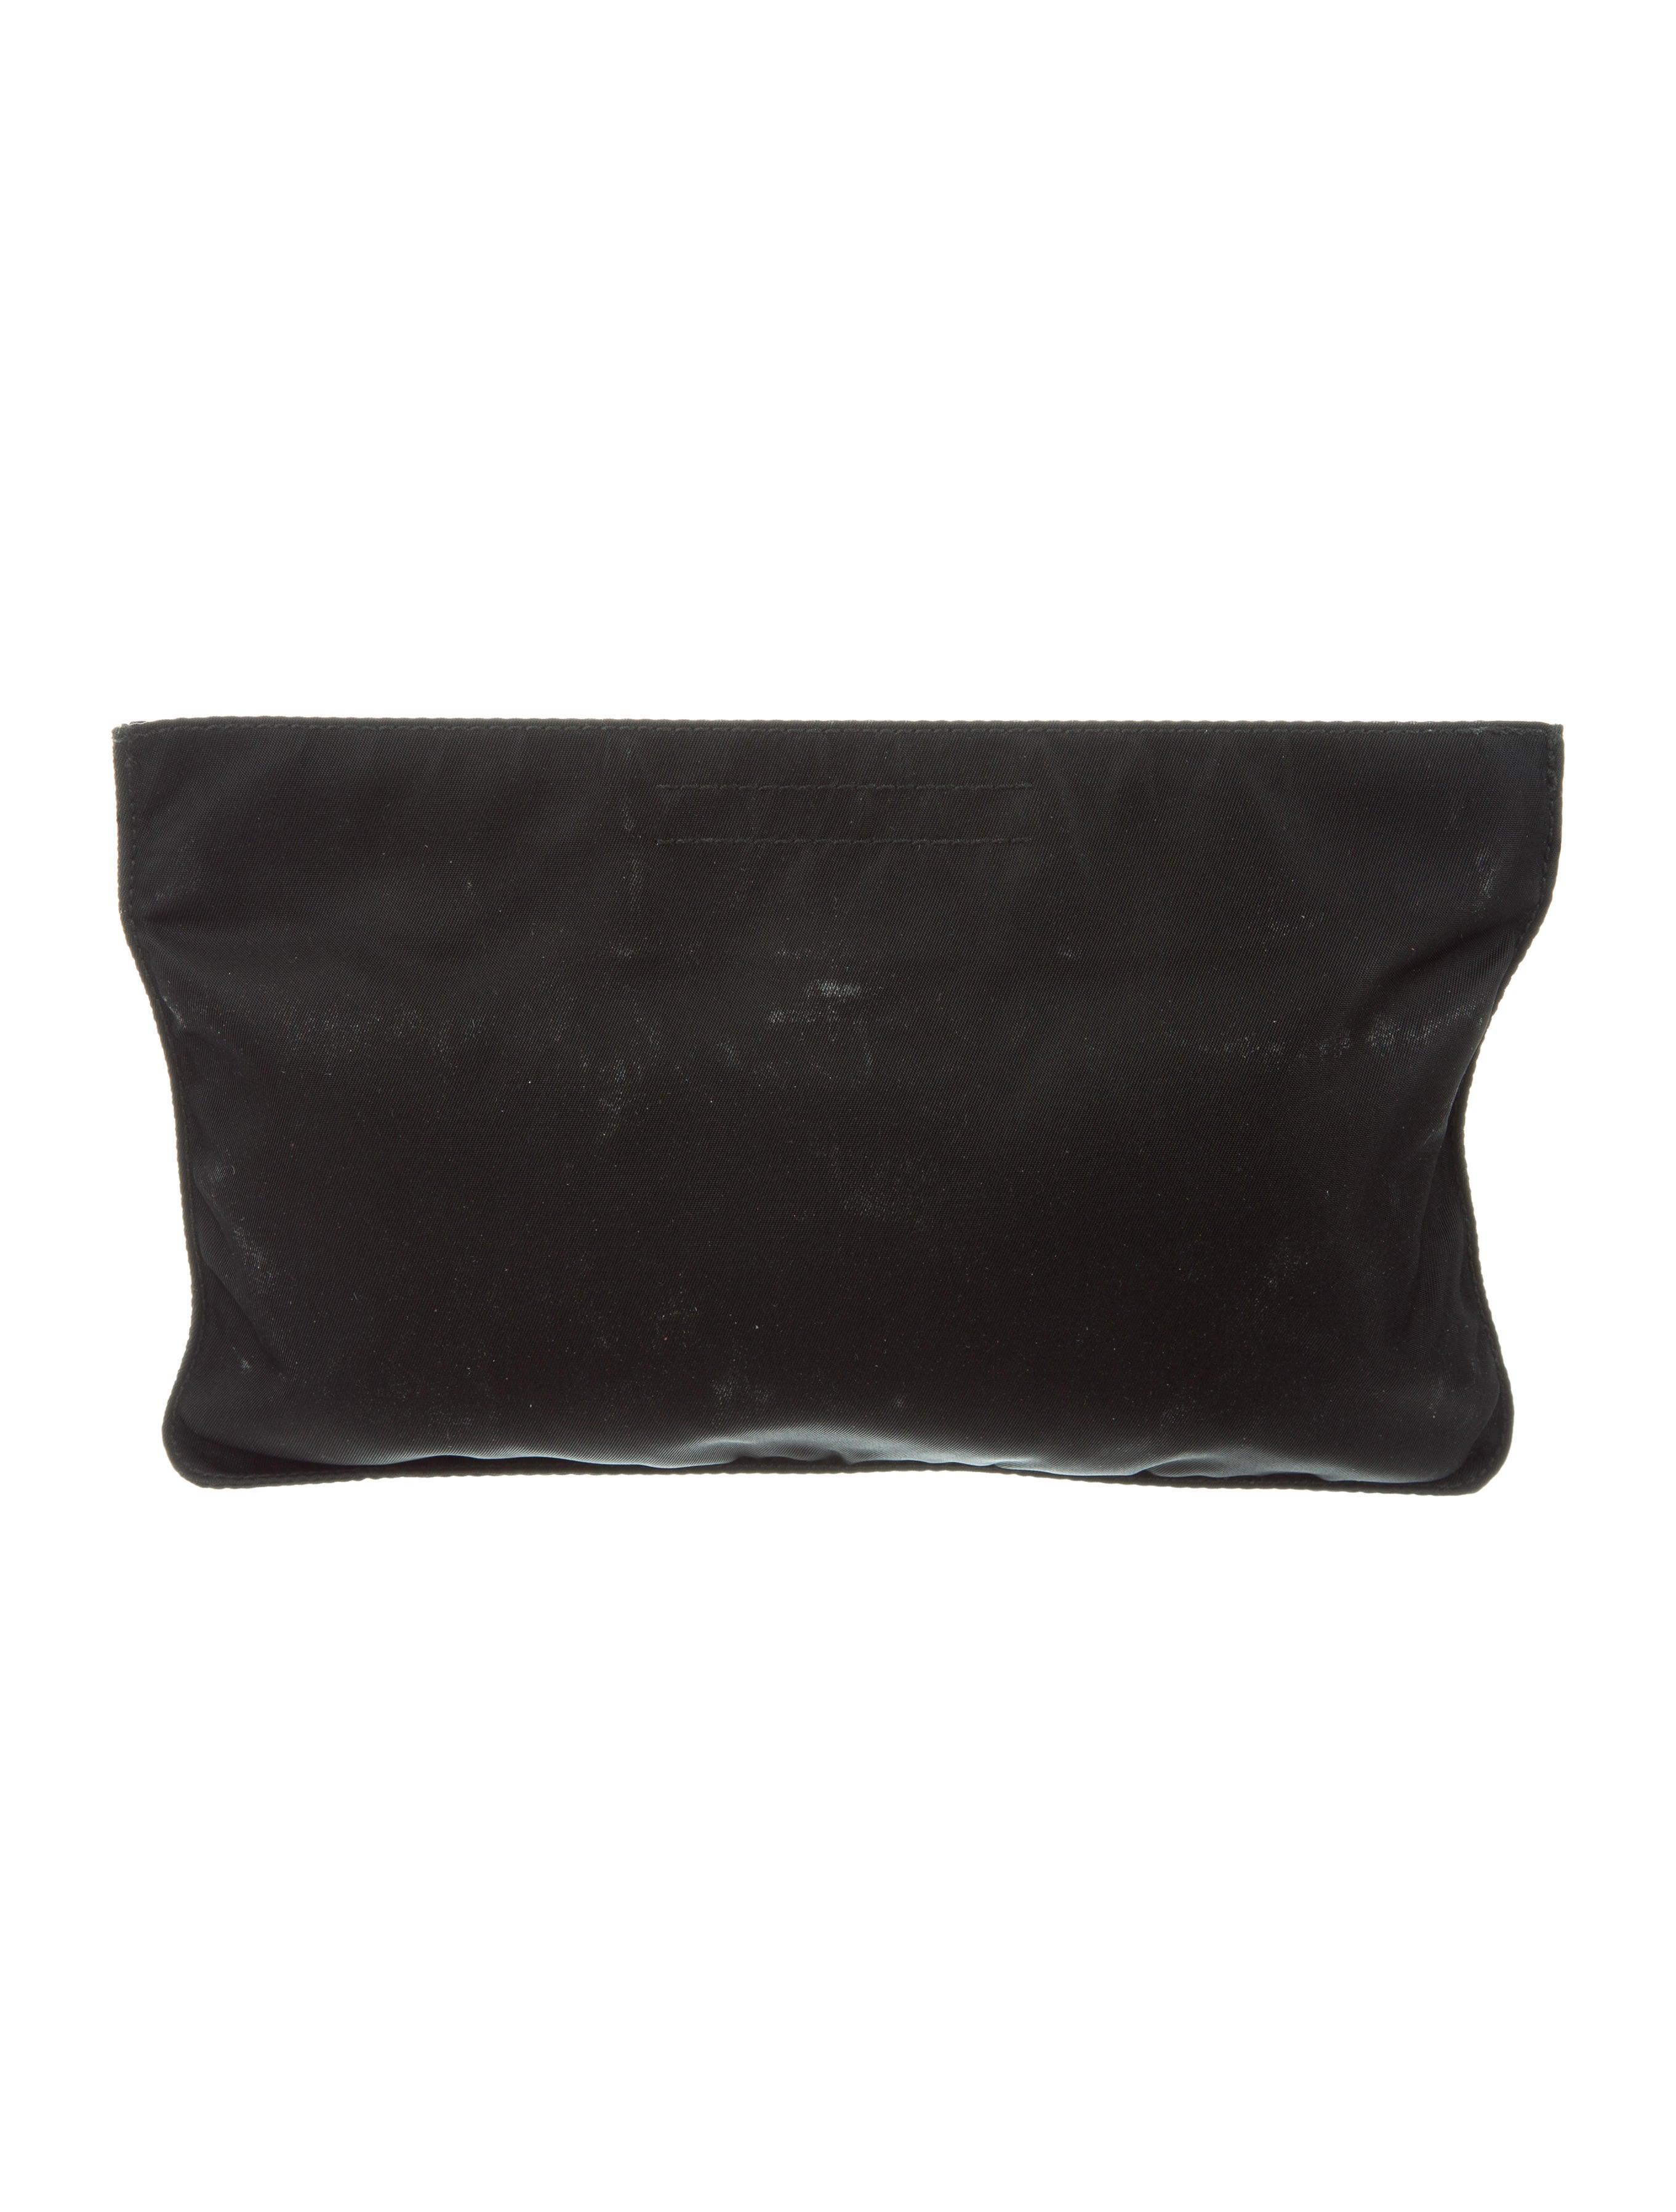 Prada Vela Clutch - Handbags - PRA153696  315144c8a2b34